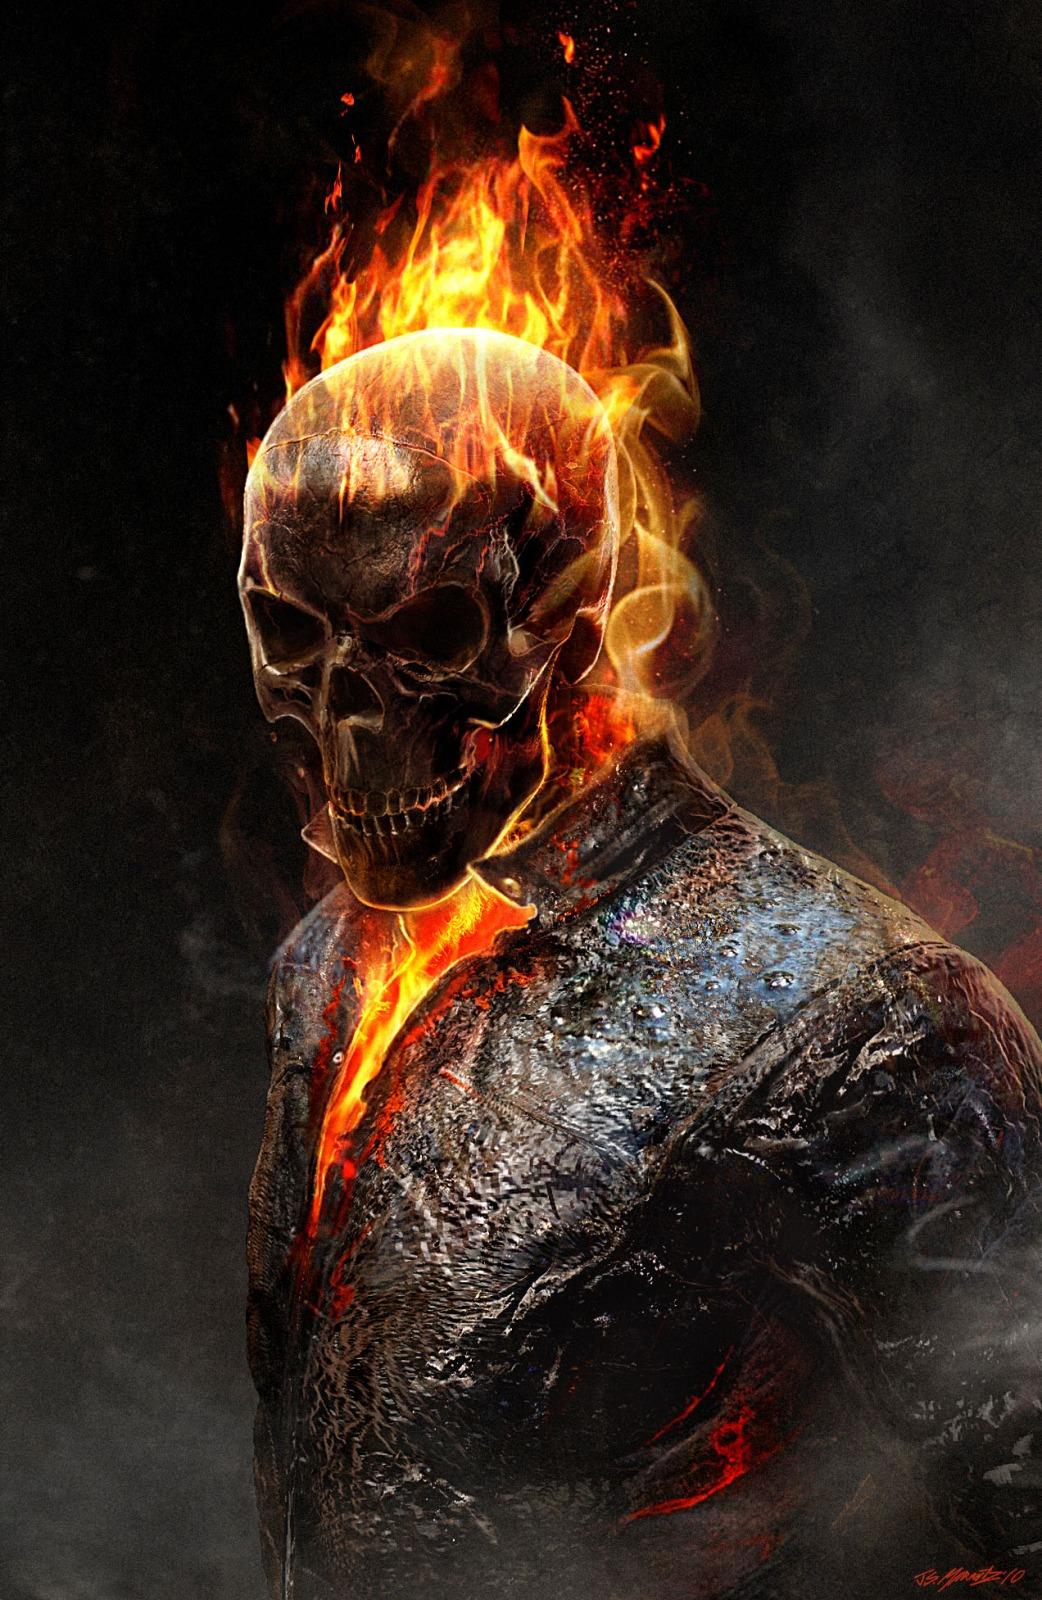 Ghost Rider HD Wallpapers - WallpaperSafari